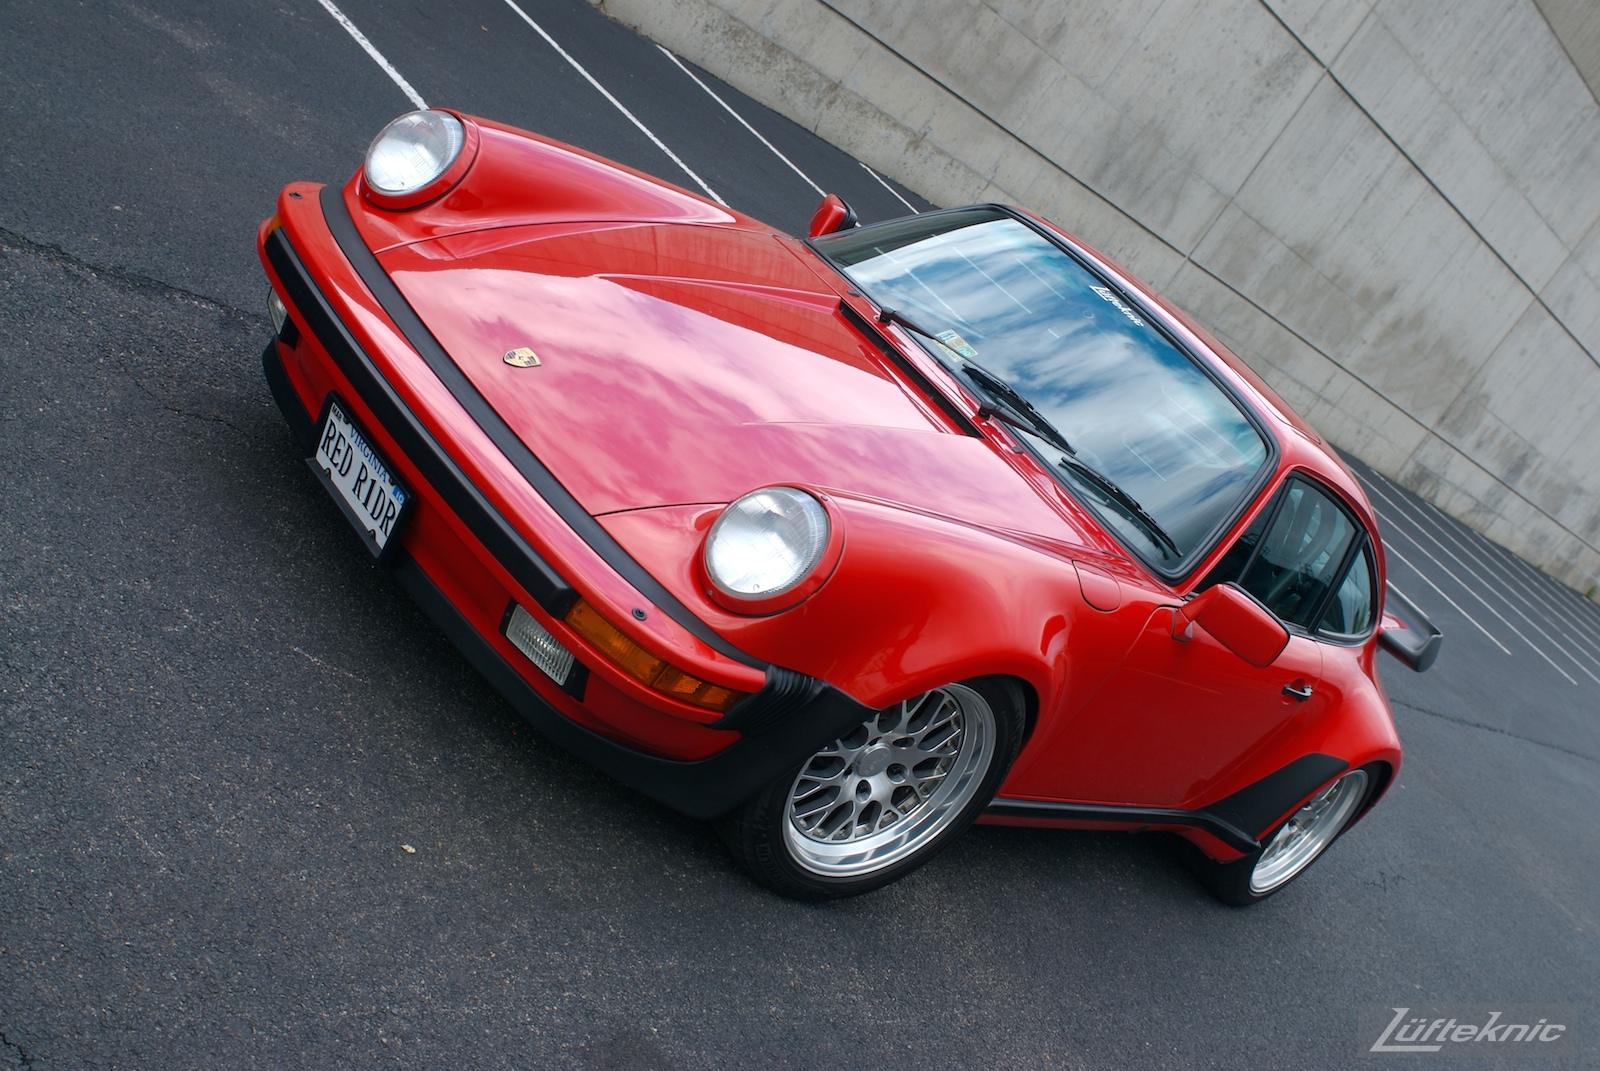 Red Porsche 930 Turbo.